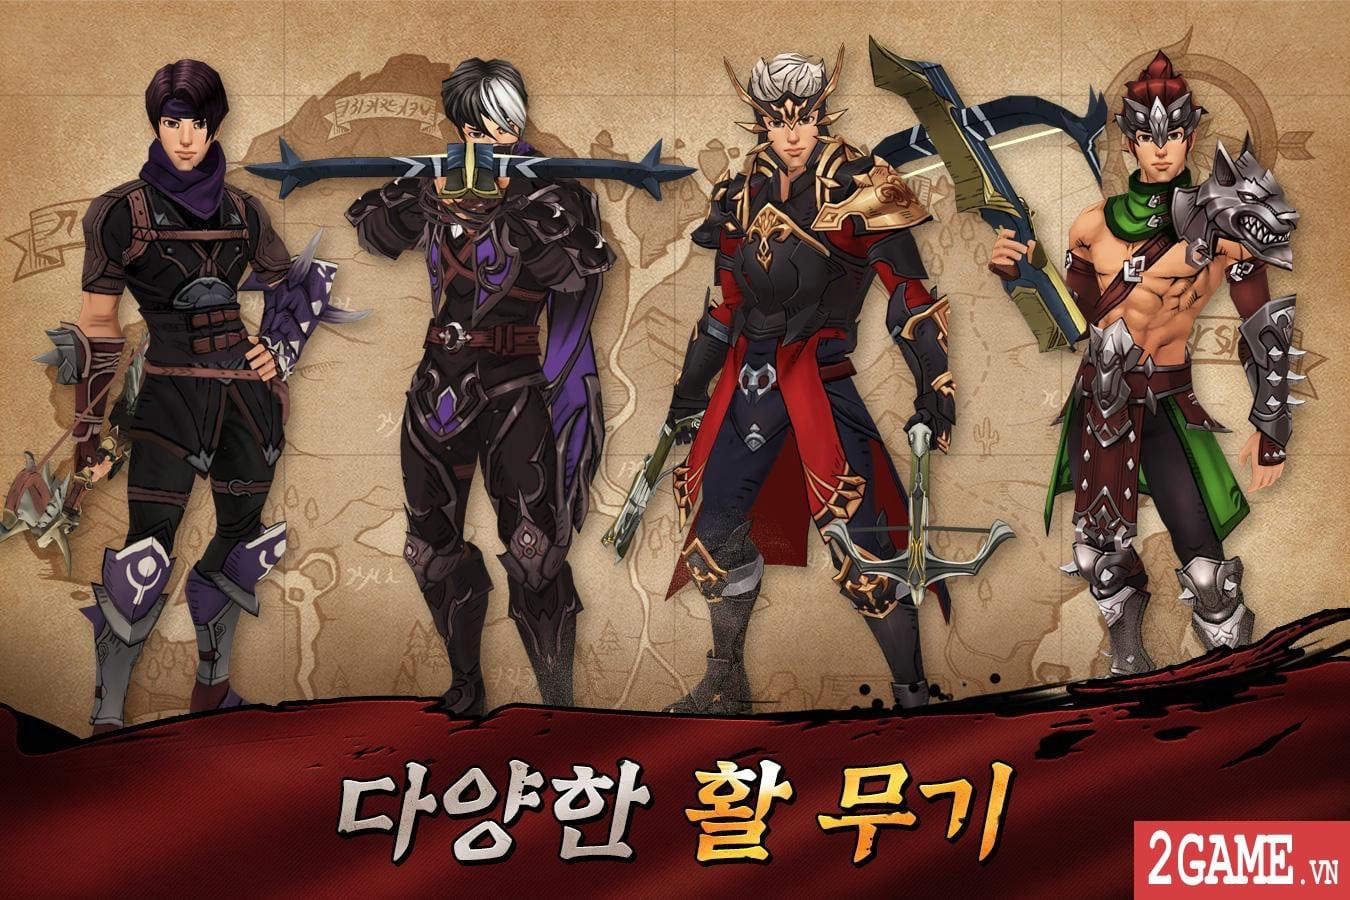 Battle of Arrow - Game đọ tài thiện xạ cực chất của người Hàn Quốc 2